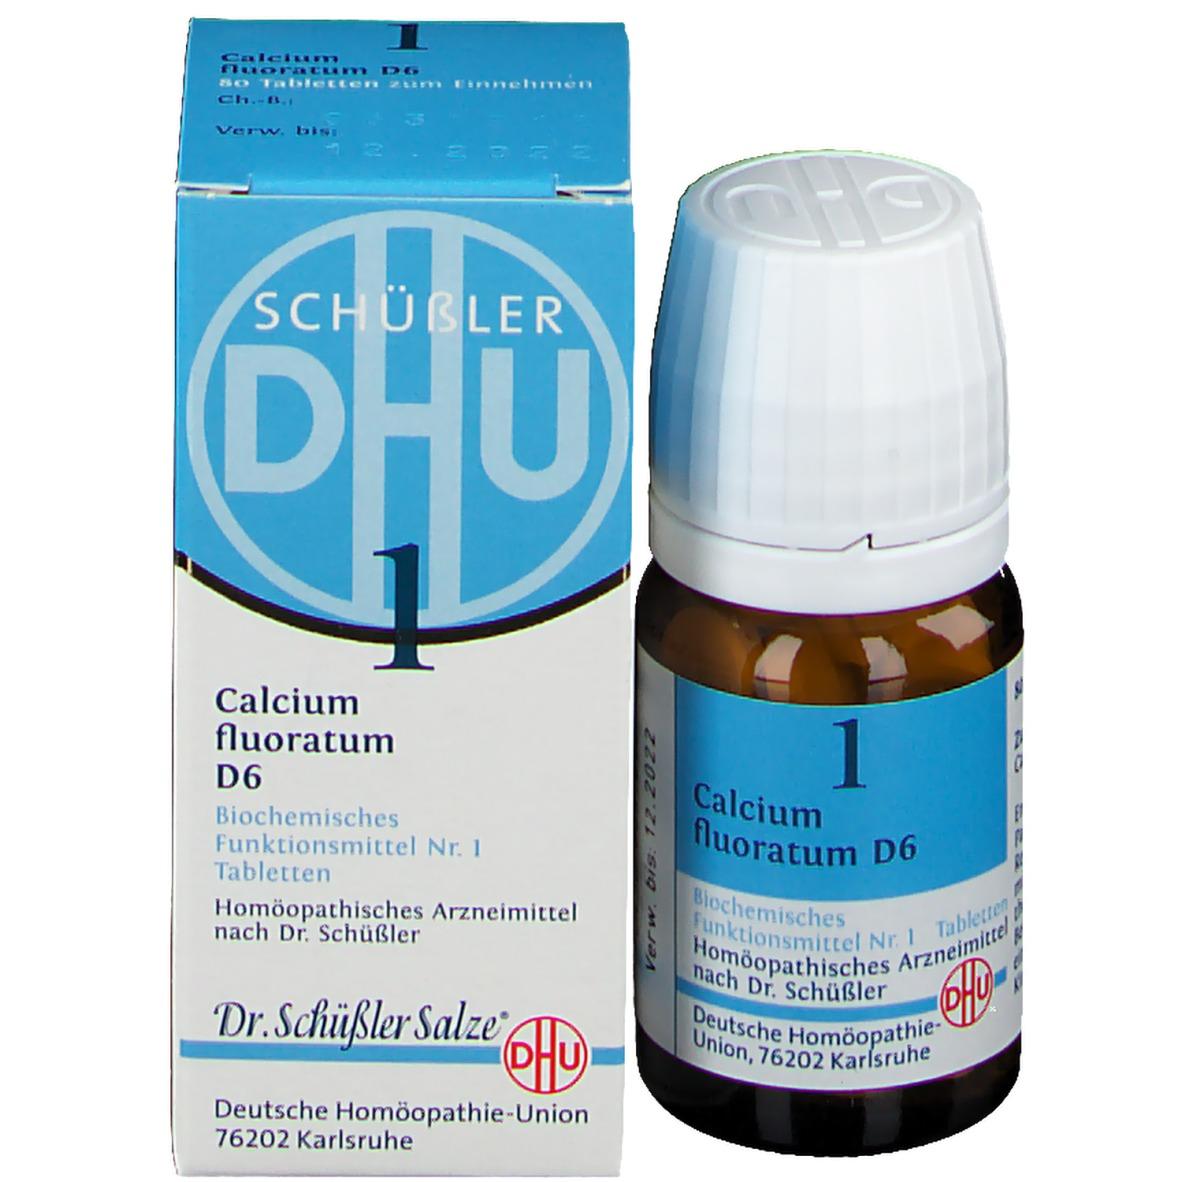 DHU Biochemie 1 Calcium fluoratum D6